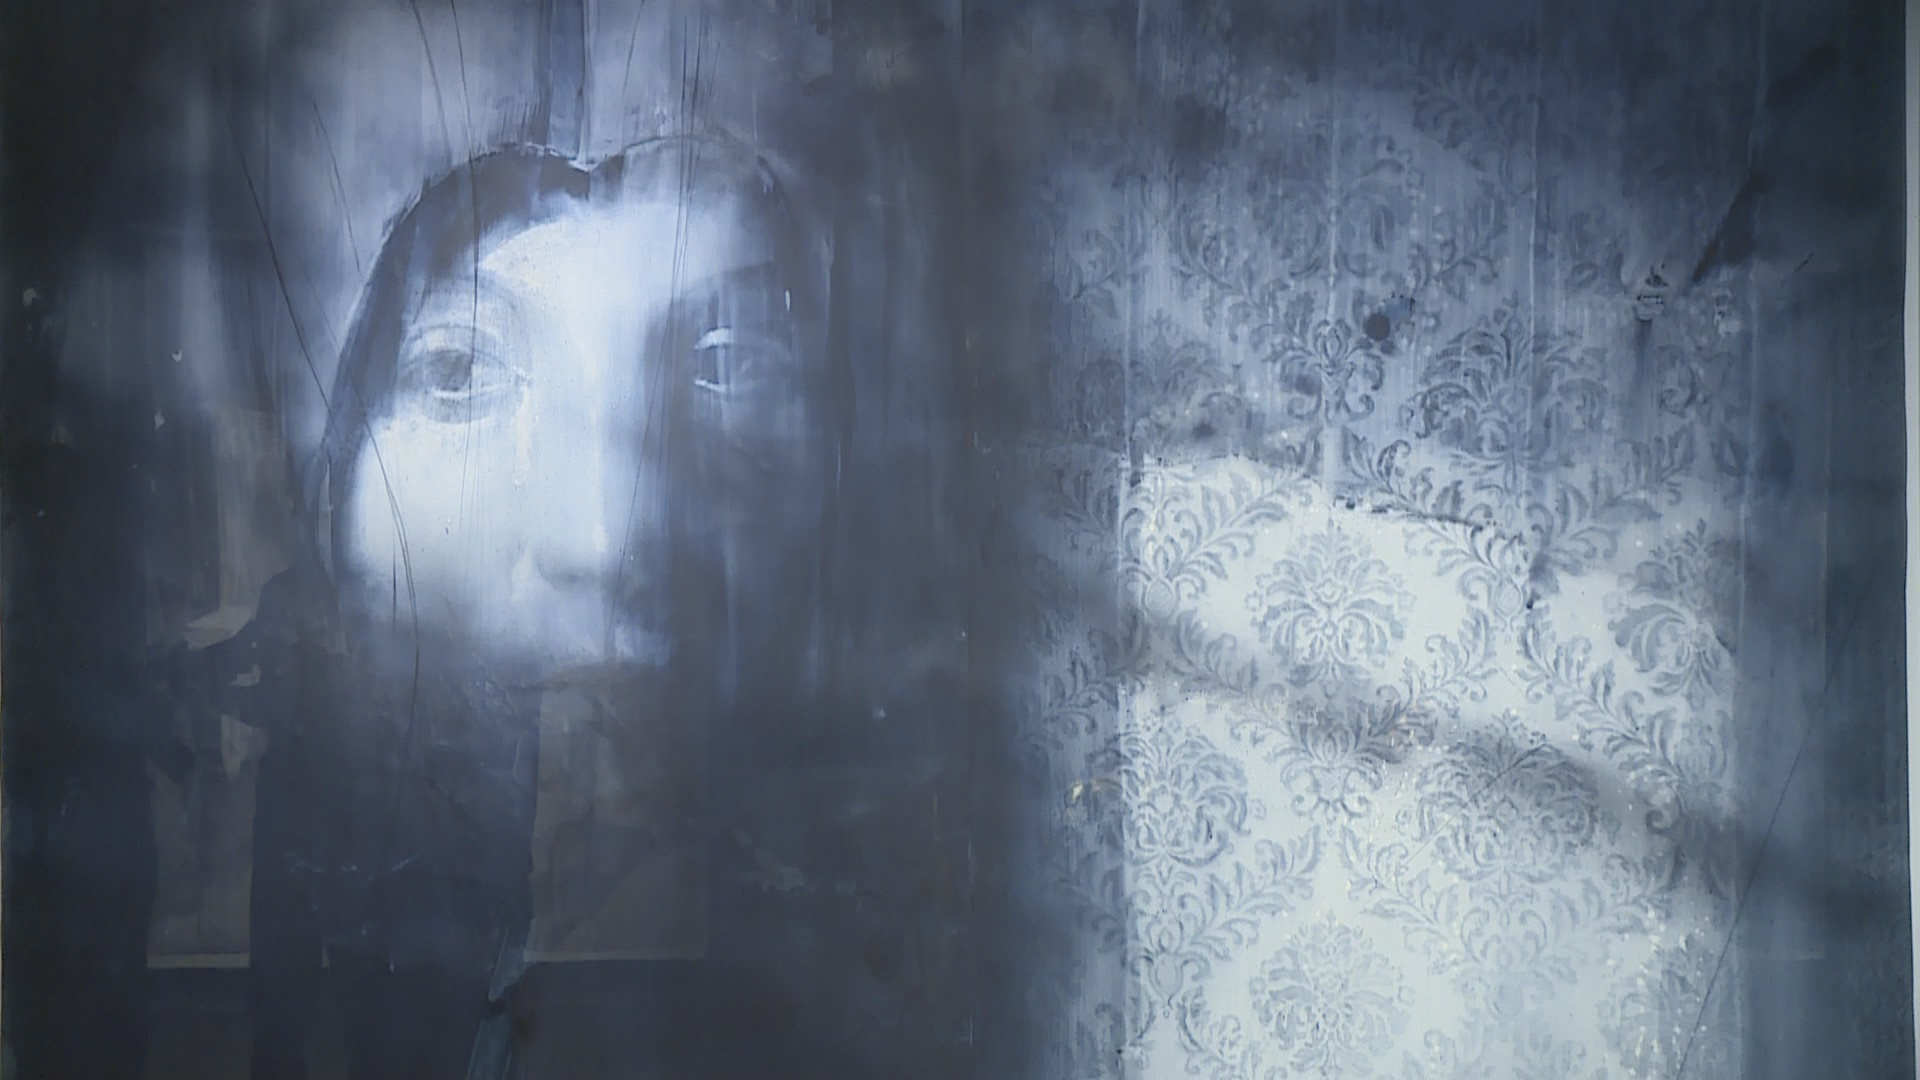 S'inaugura 'Entre el llambreig i la penombra' de Julio Vaquero a l'Artalroc